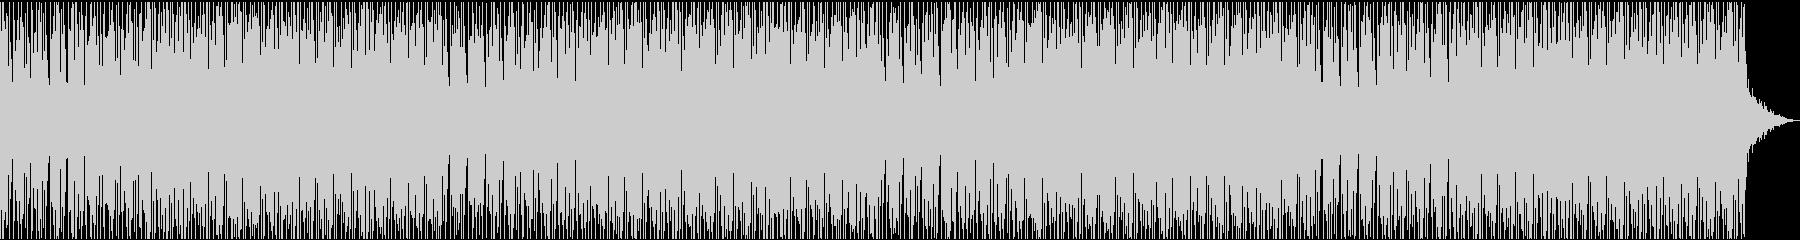 不思議で奇妙なエレクトロハウス何かが起きの未再生の波形